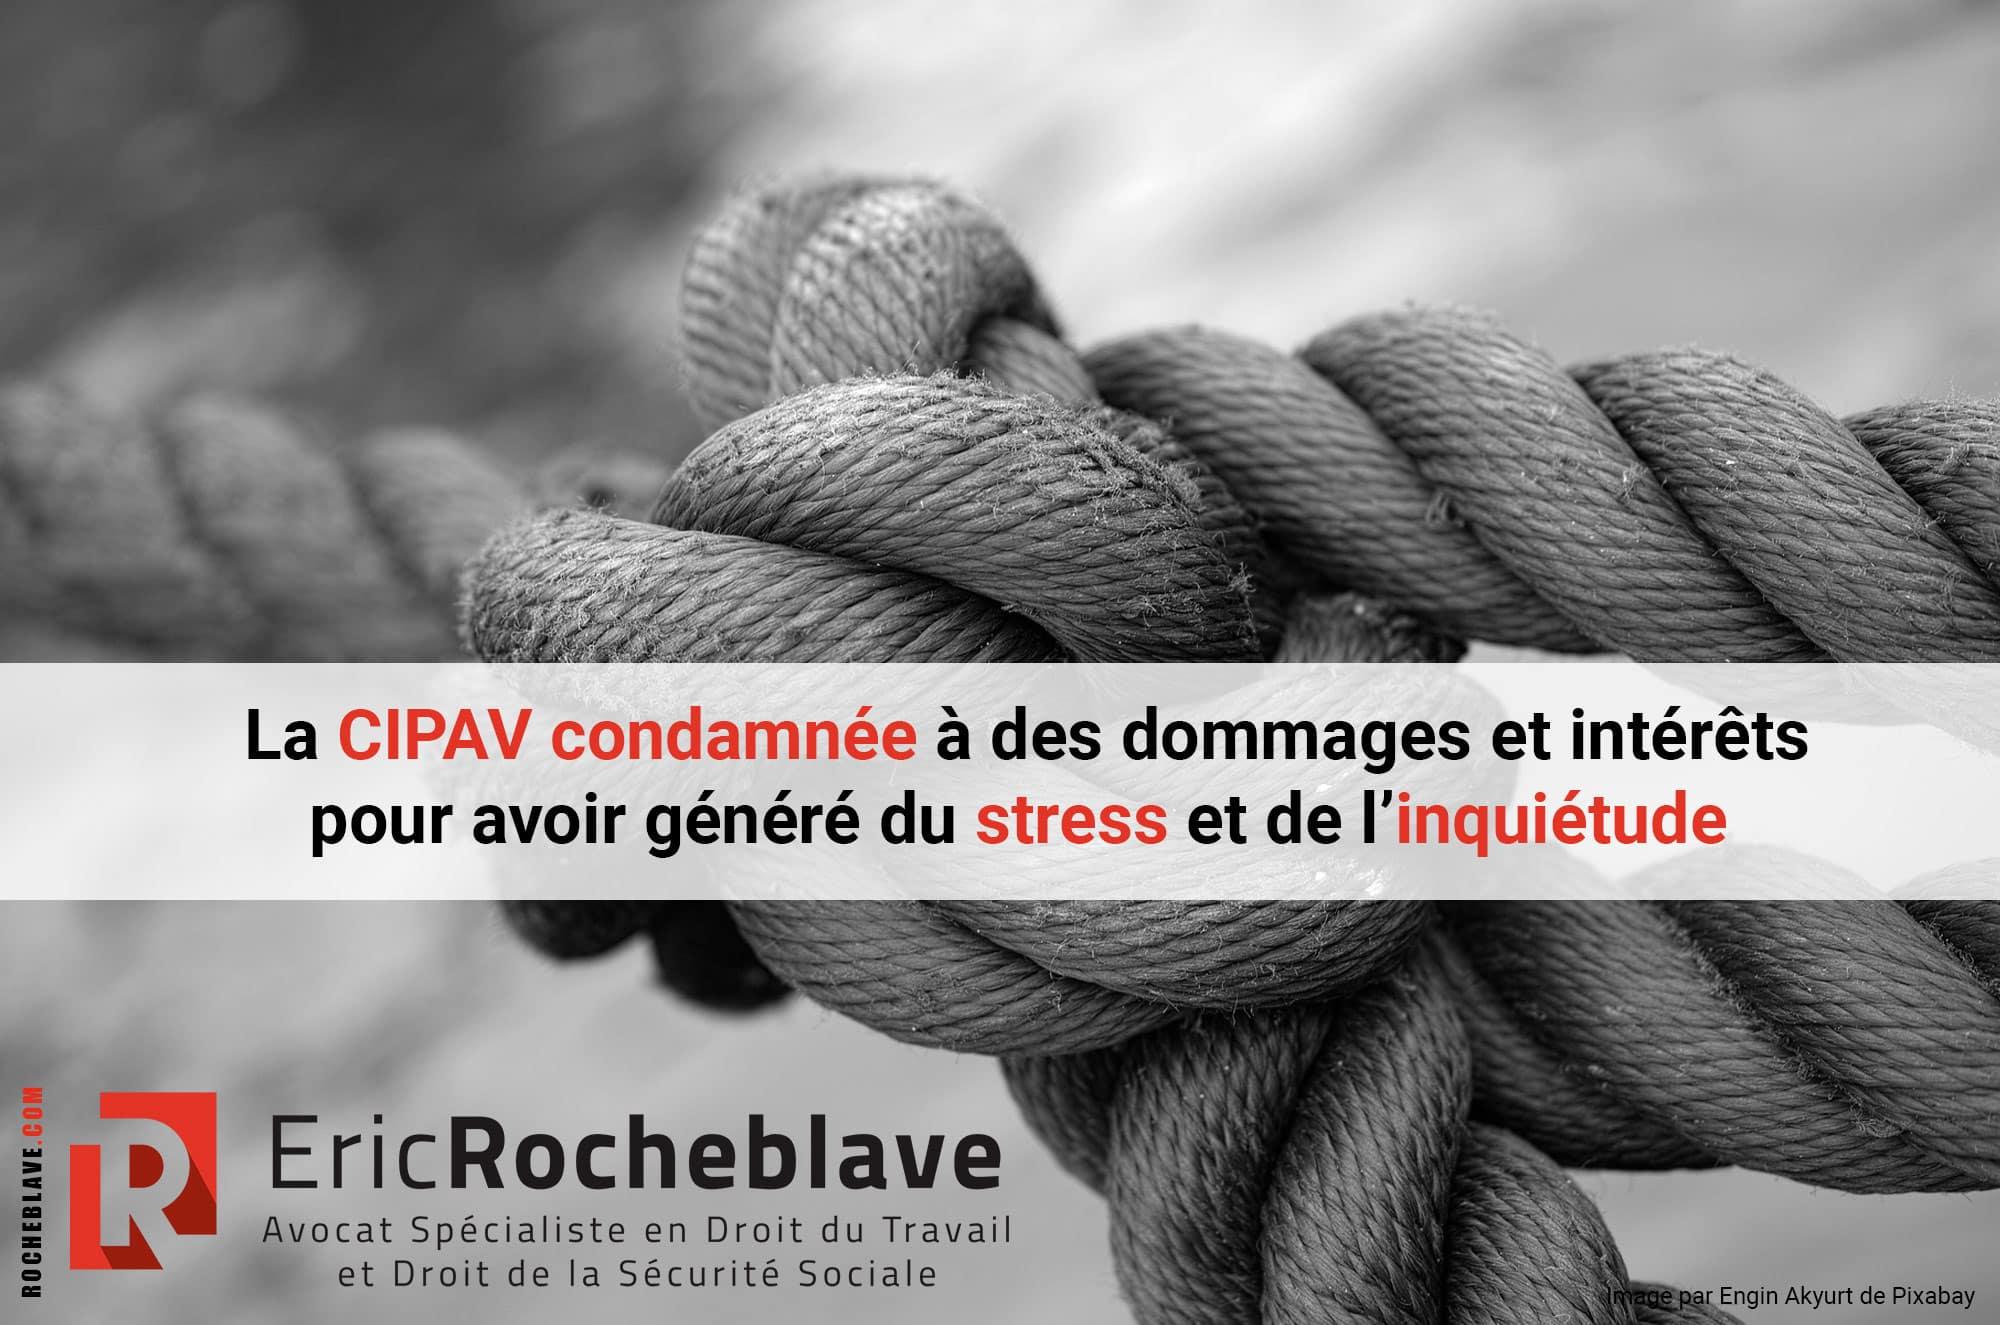 La CIPAV condamnée à des dommages et intérêts pour avoir généré du stress et de l'inquiétude